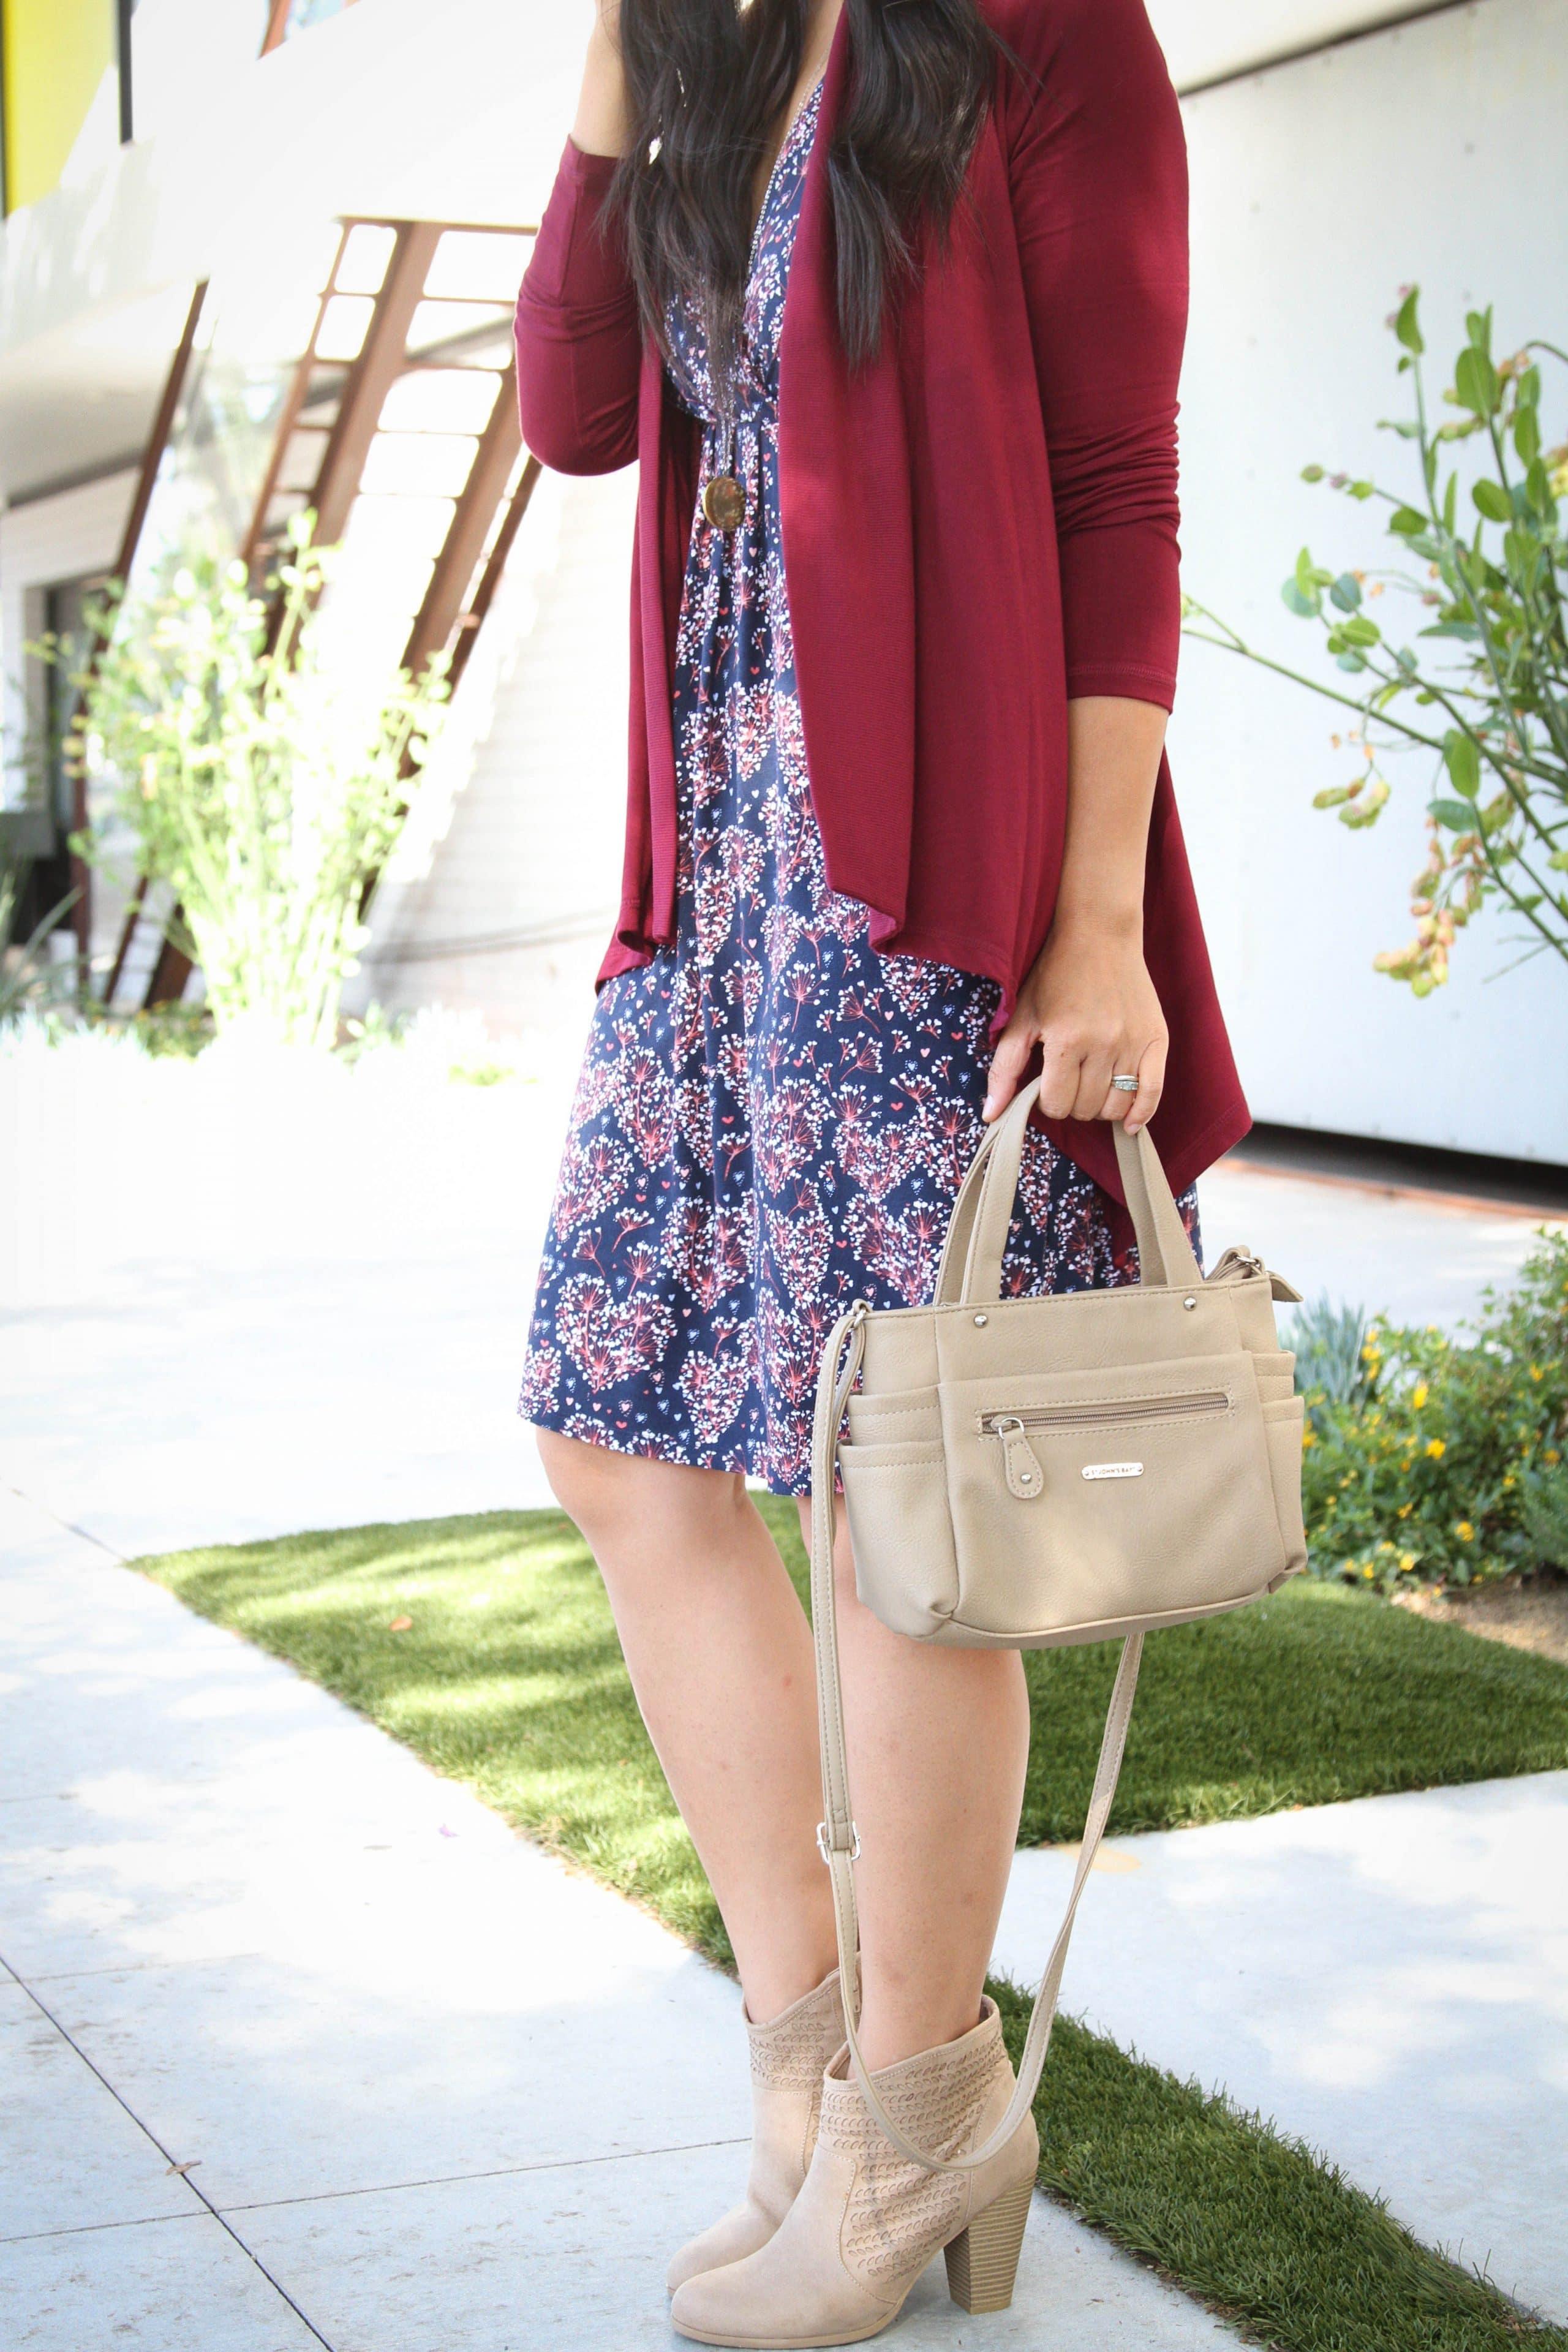 heeled booties + dress + Cardigan + tan handbag + pendant necklace